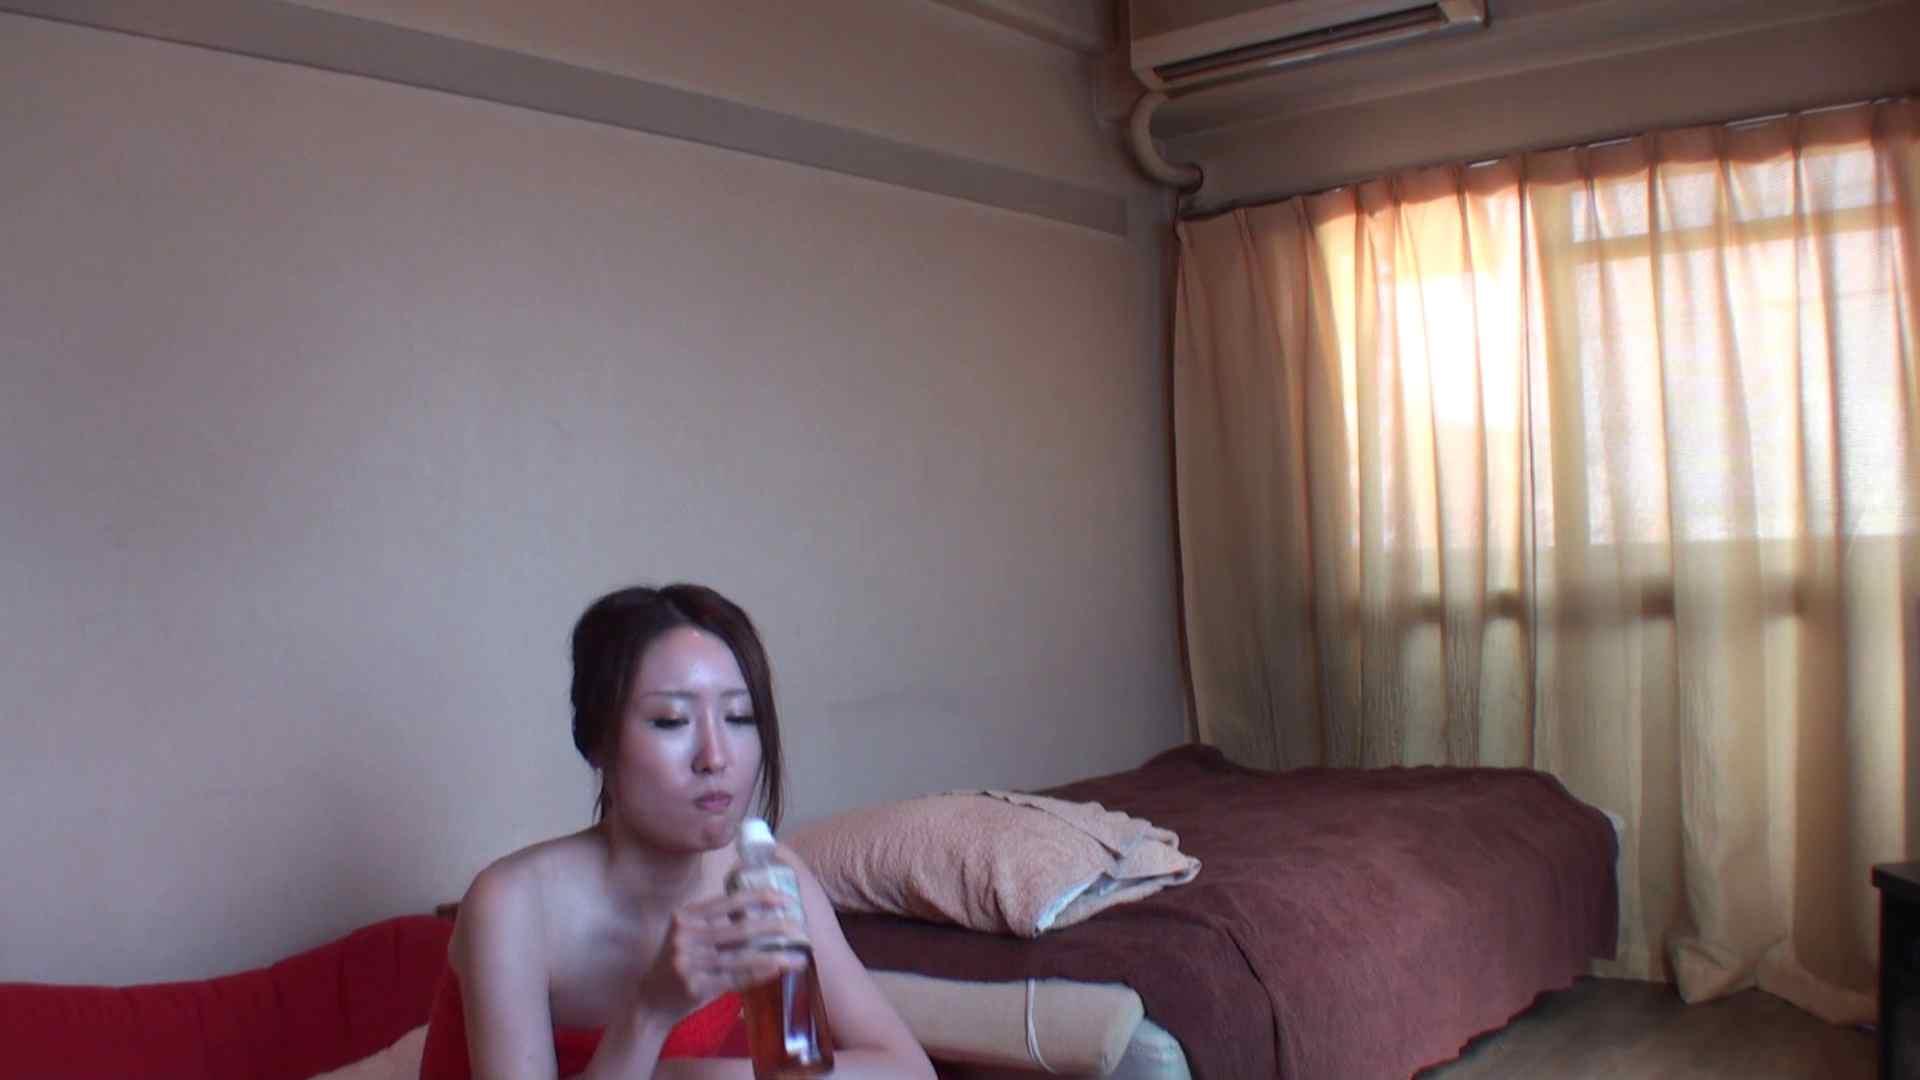 隠撮店の女の子をつまみ喰い~yukivol.4 隠撮 | OL裸体  107画像 74